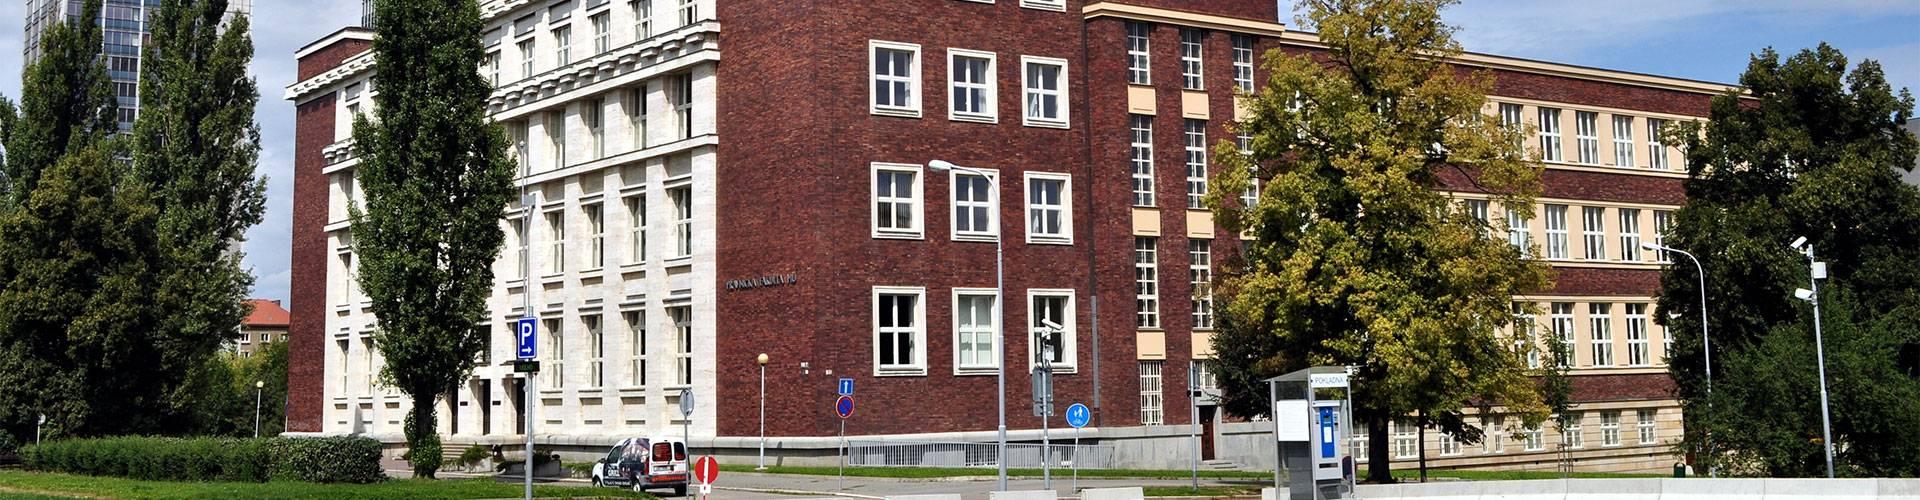 Масариков университет в брно официальный сайт muni cz, факультеты и специальности, стоимость обучения, отзывы